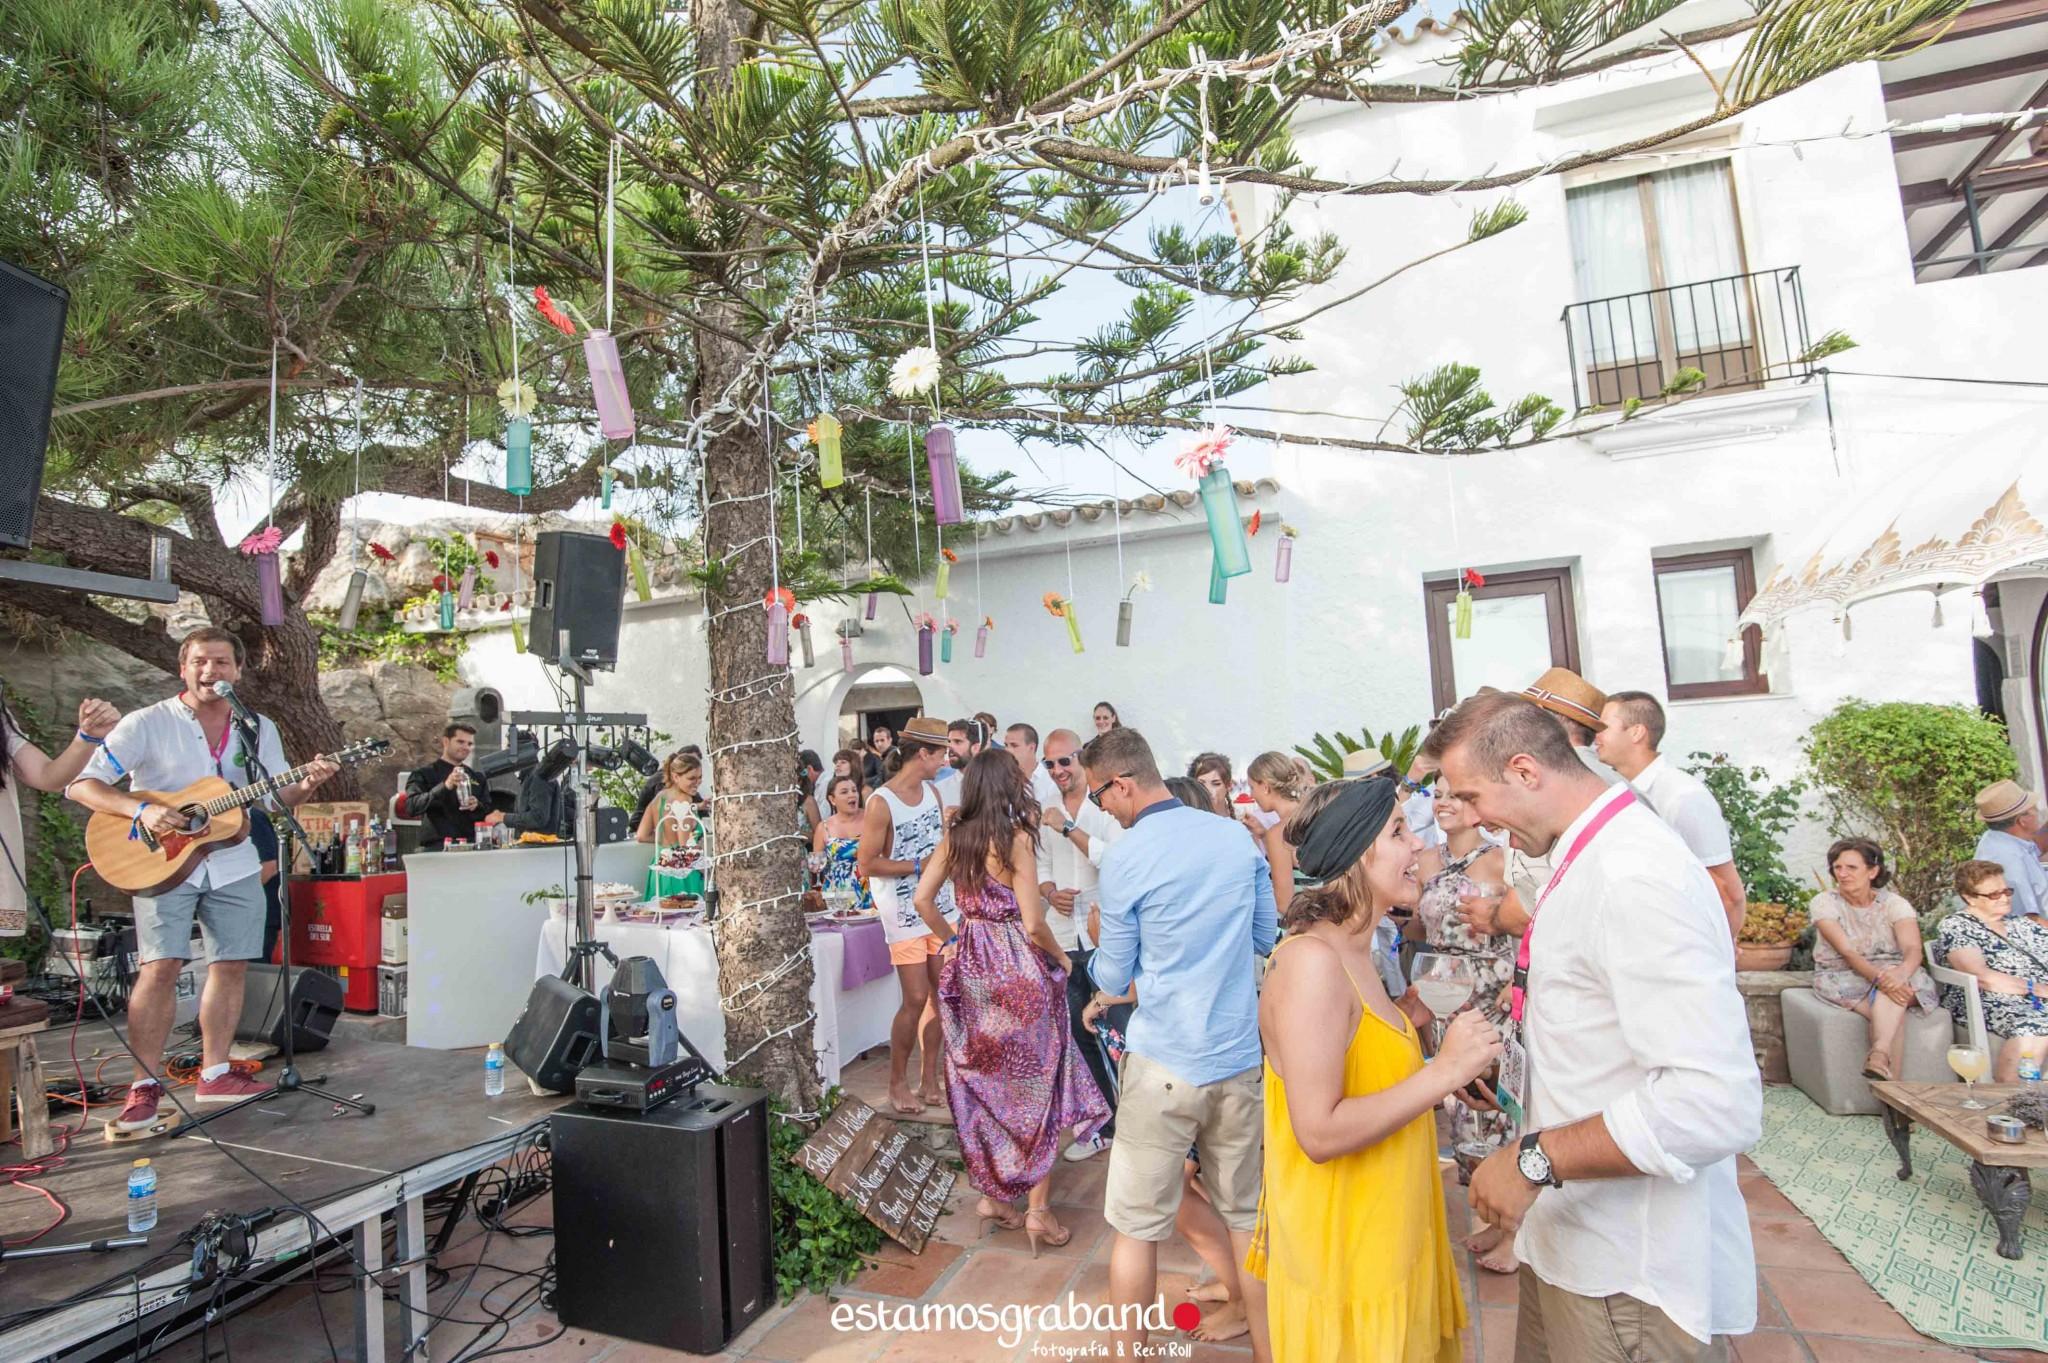 Alba-y-Jose-BTTW-50 Los invitados de Alba & Jose [Back to the wedding_Atlanterra, Zahara de los Atunes] - video boda cadiz